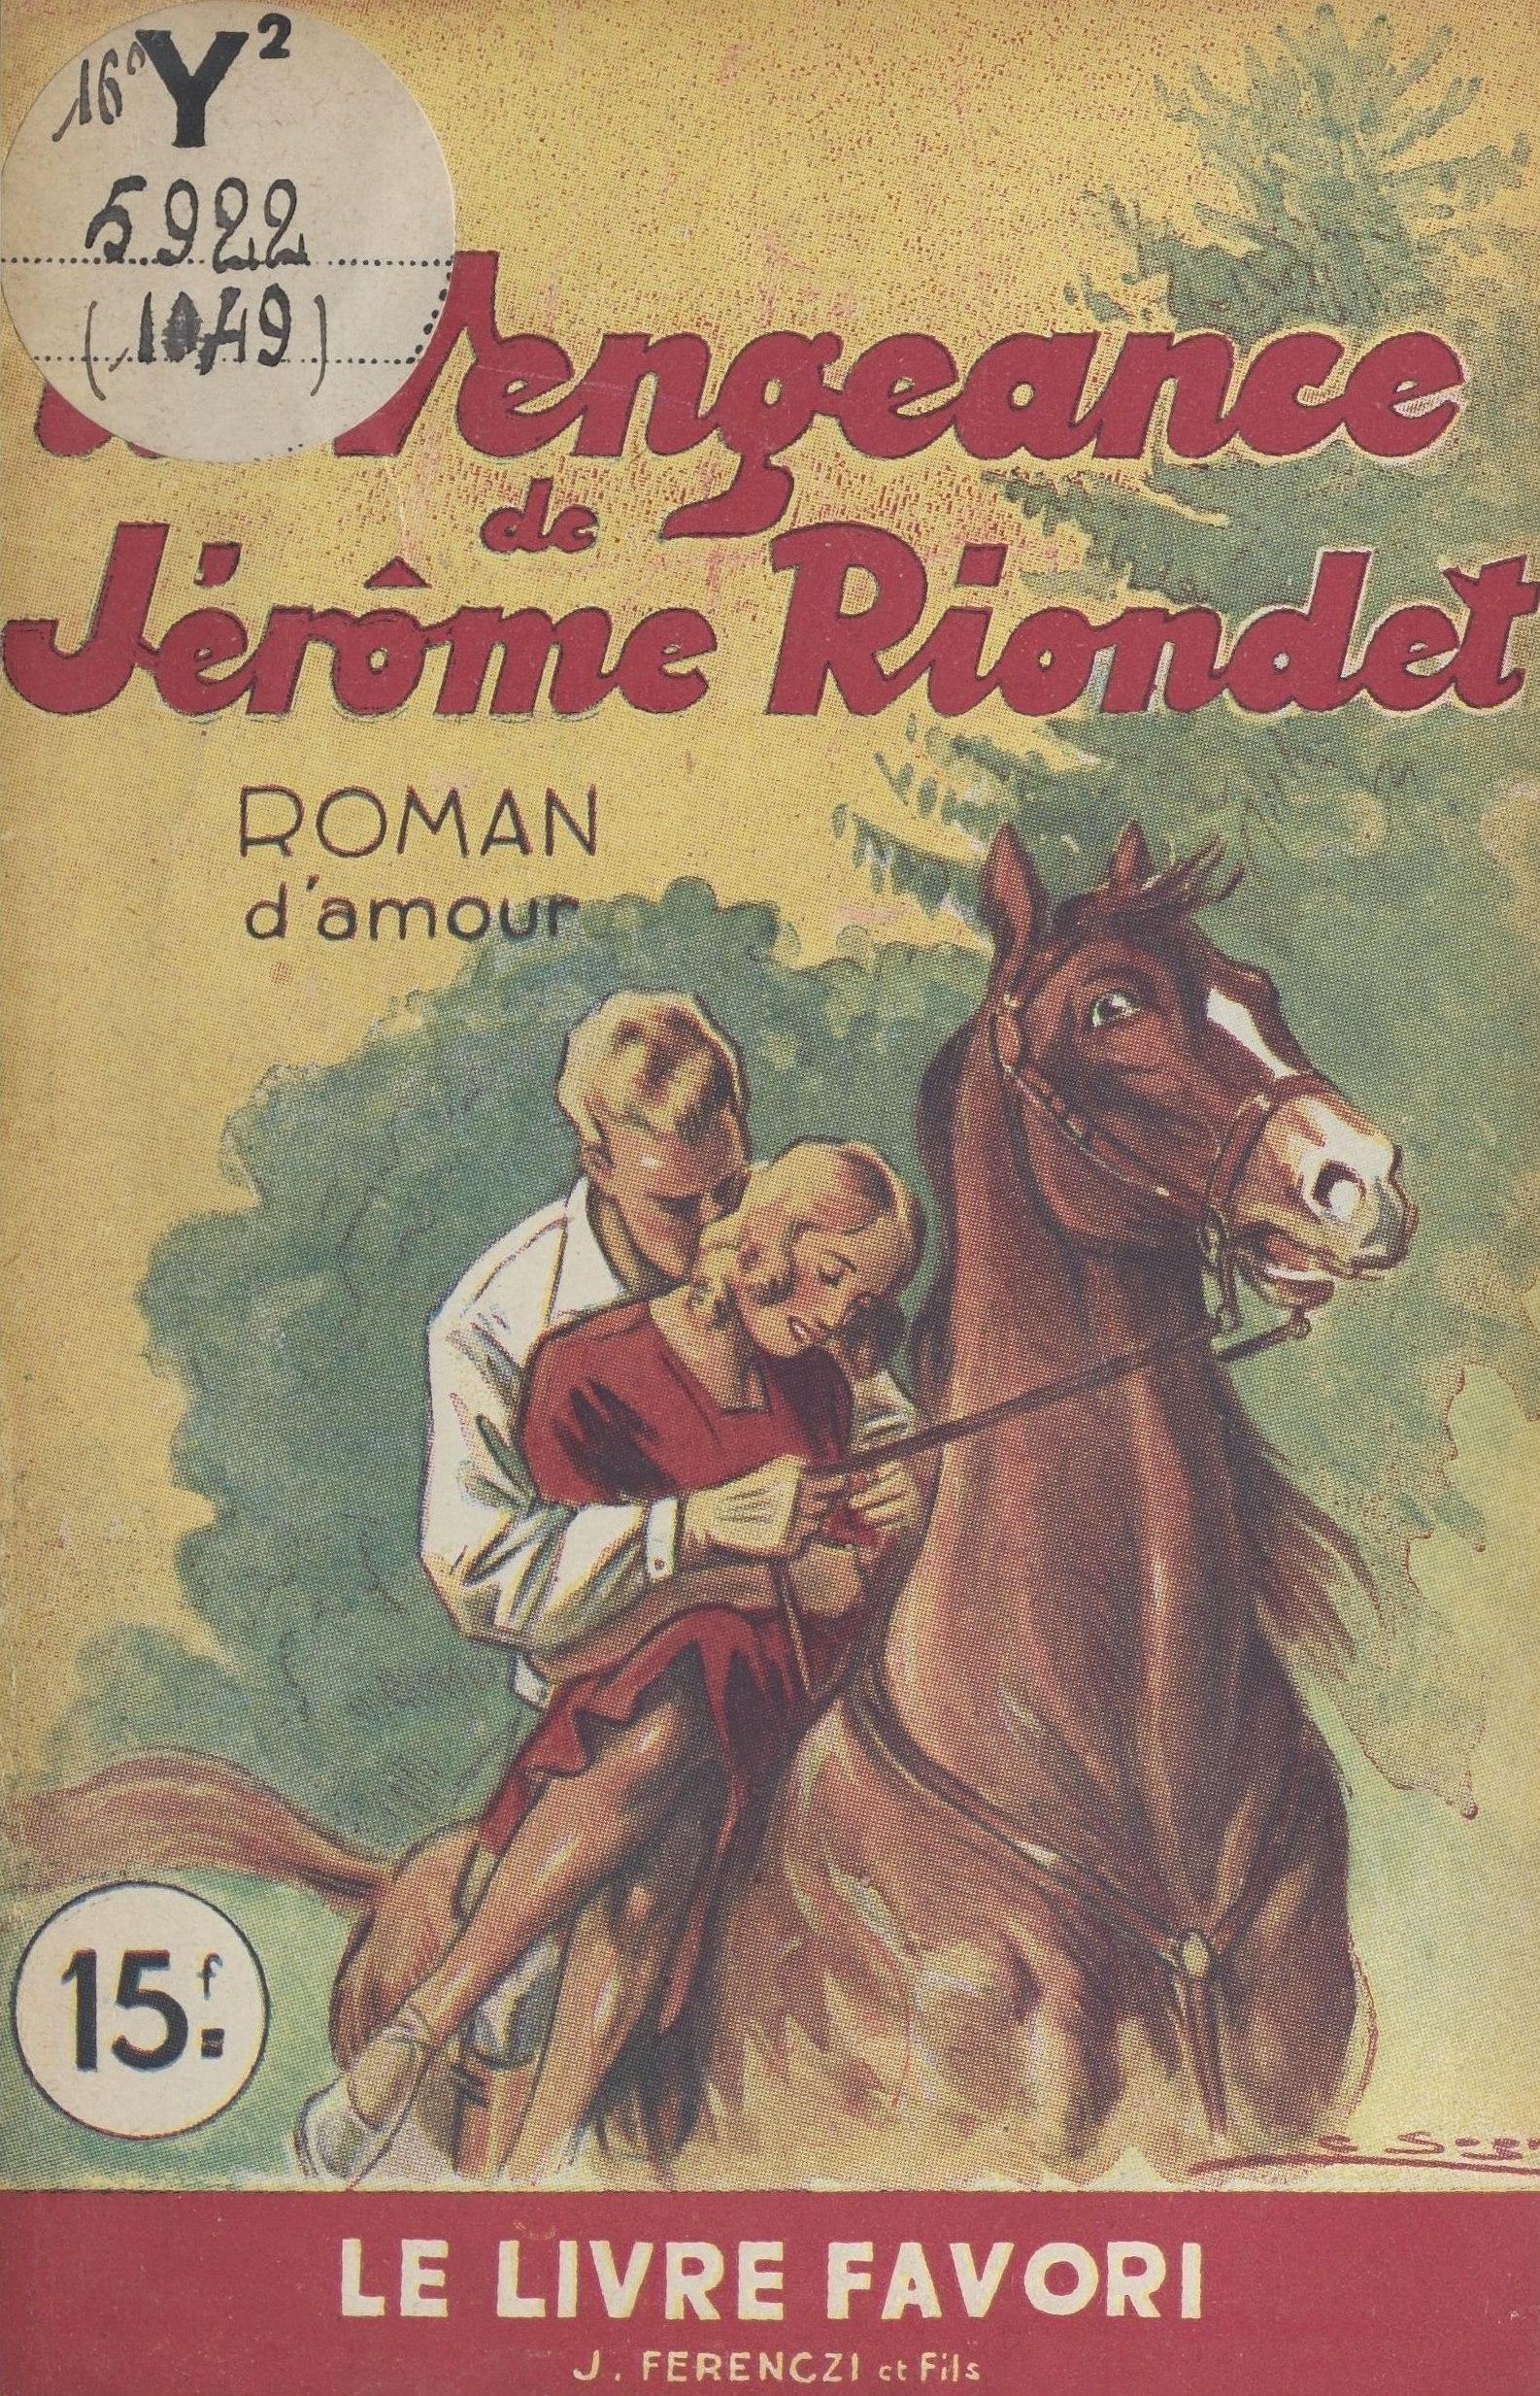 La vengeance de Jérôme Riondet